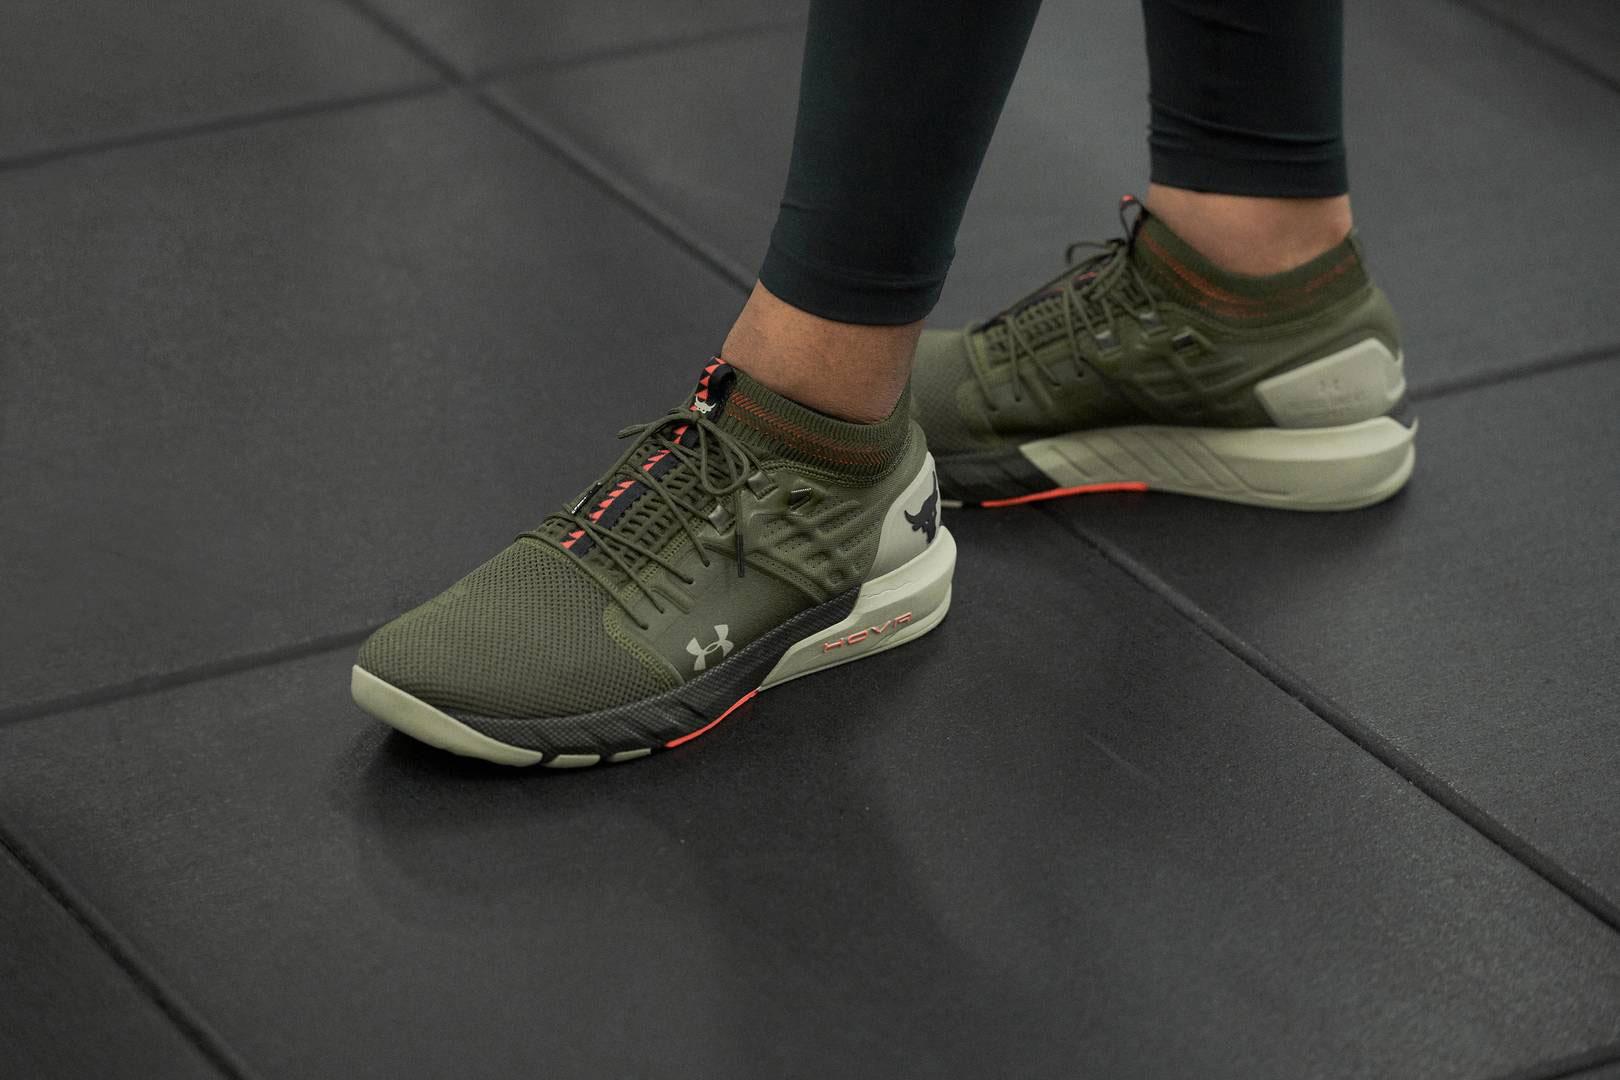 Project Rock 2 Shoe in Guardian Green